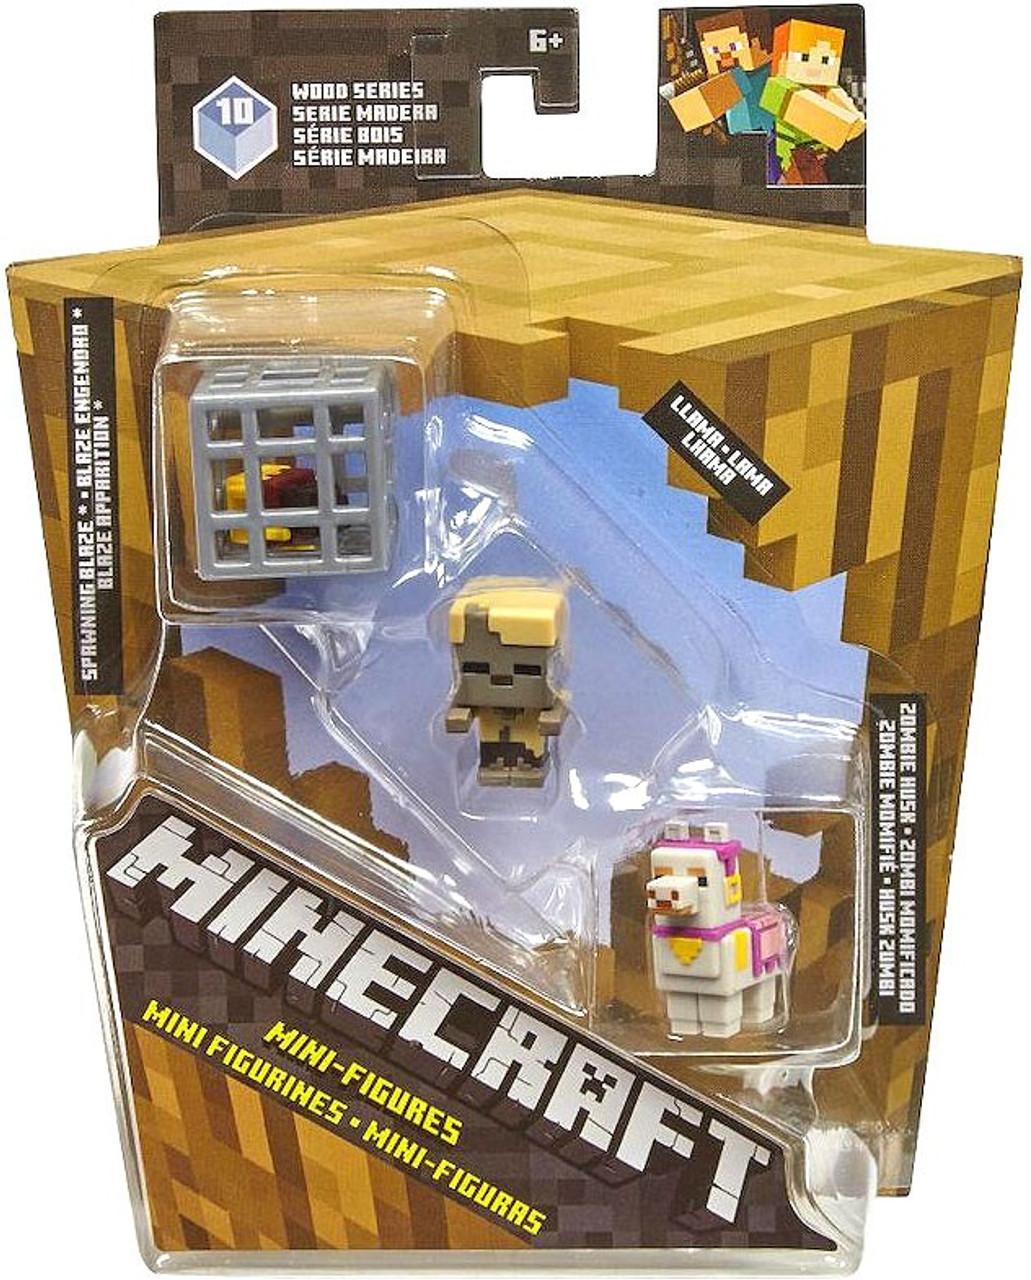 Minecraft Wood Series 10 Spawning Blaze, Llama, & Zombie Husk Mini Figure  3-Pack